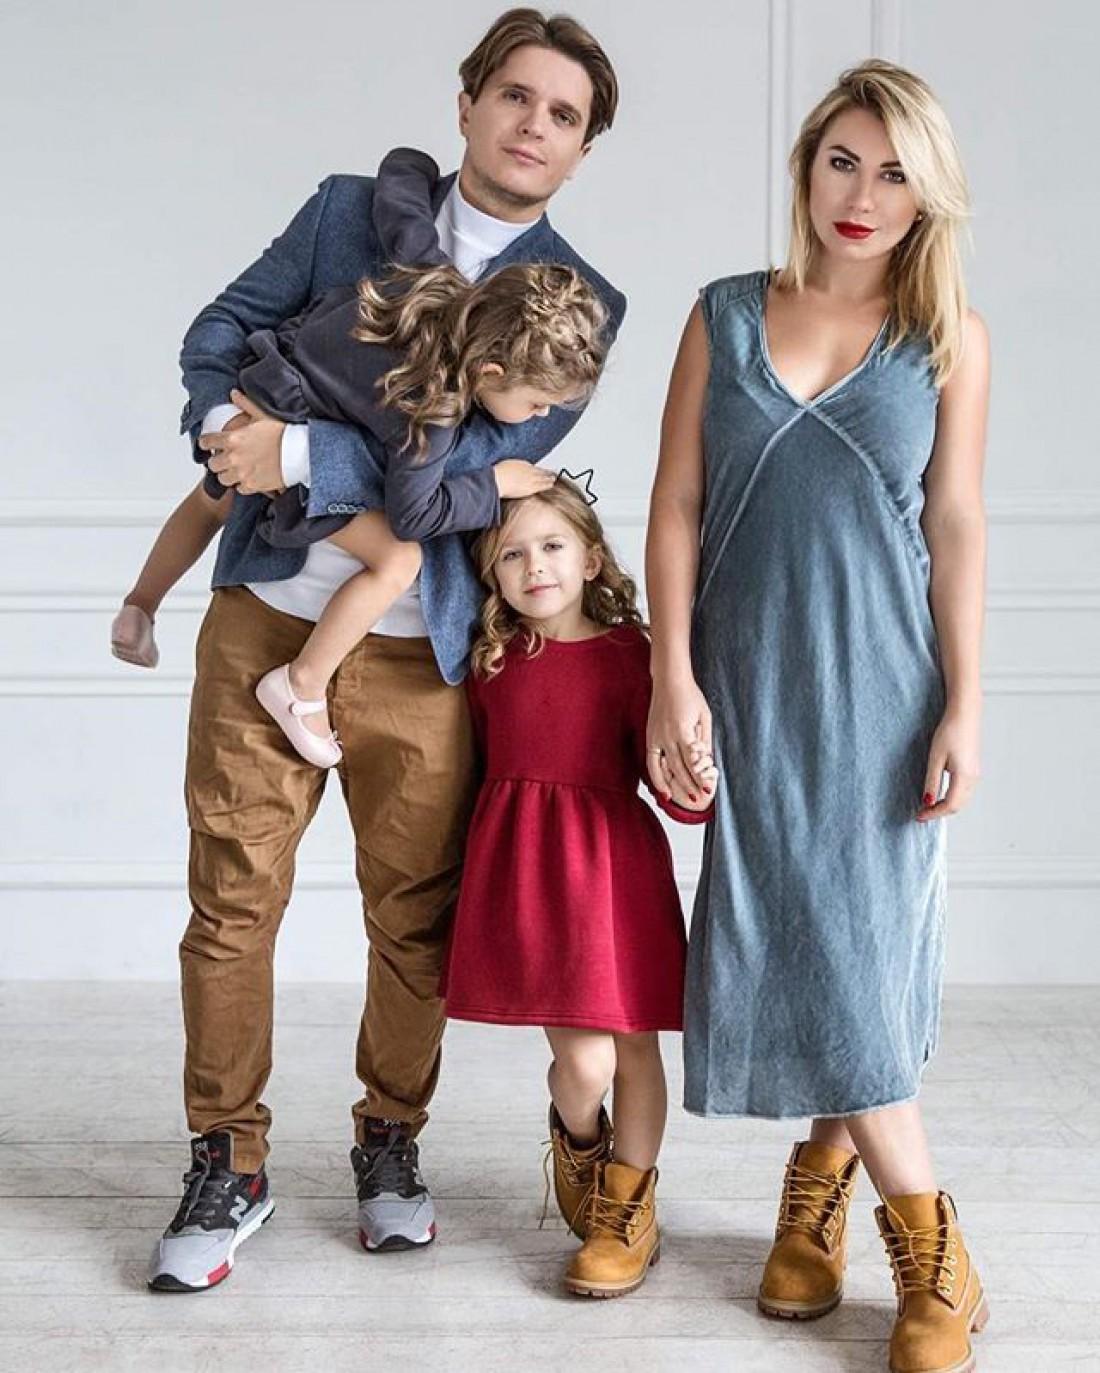 Пятилетняя Алиса с трехлетней сестричкой Лолой и звездными родителями